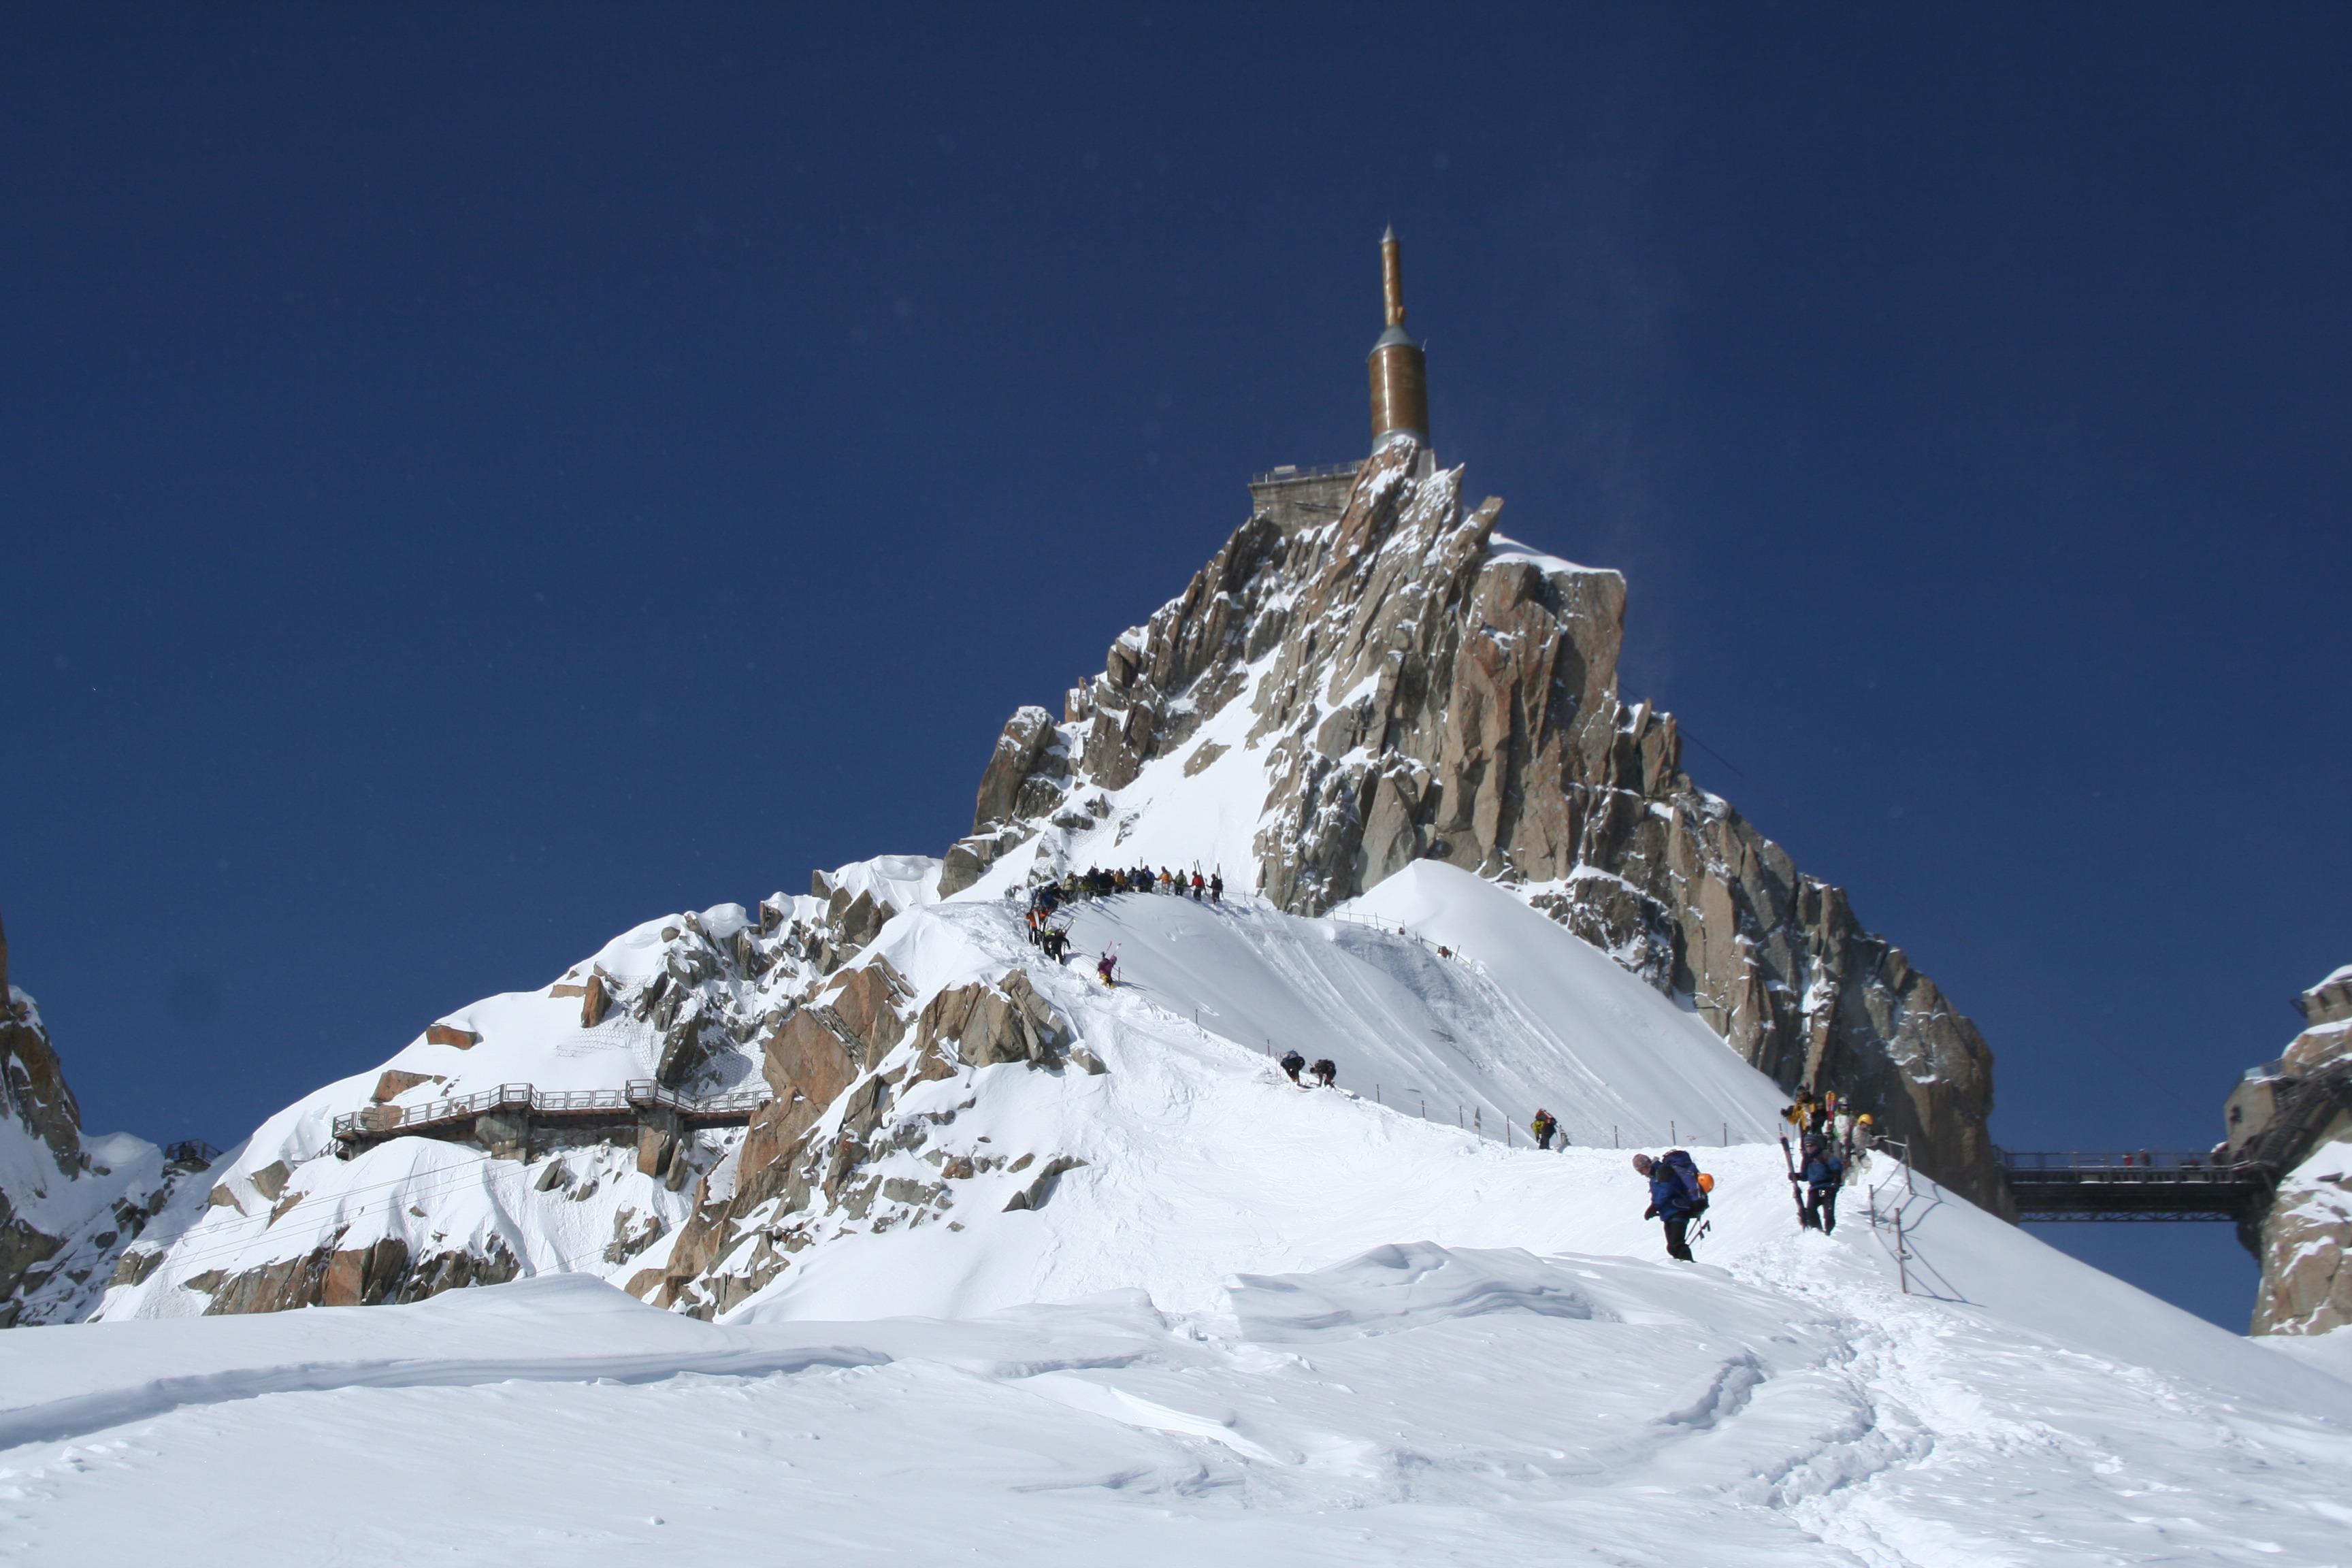 Chamonix, Aiguille du Midi, ski